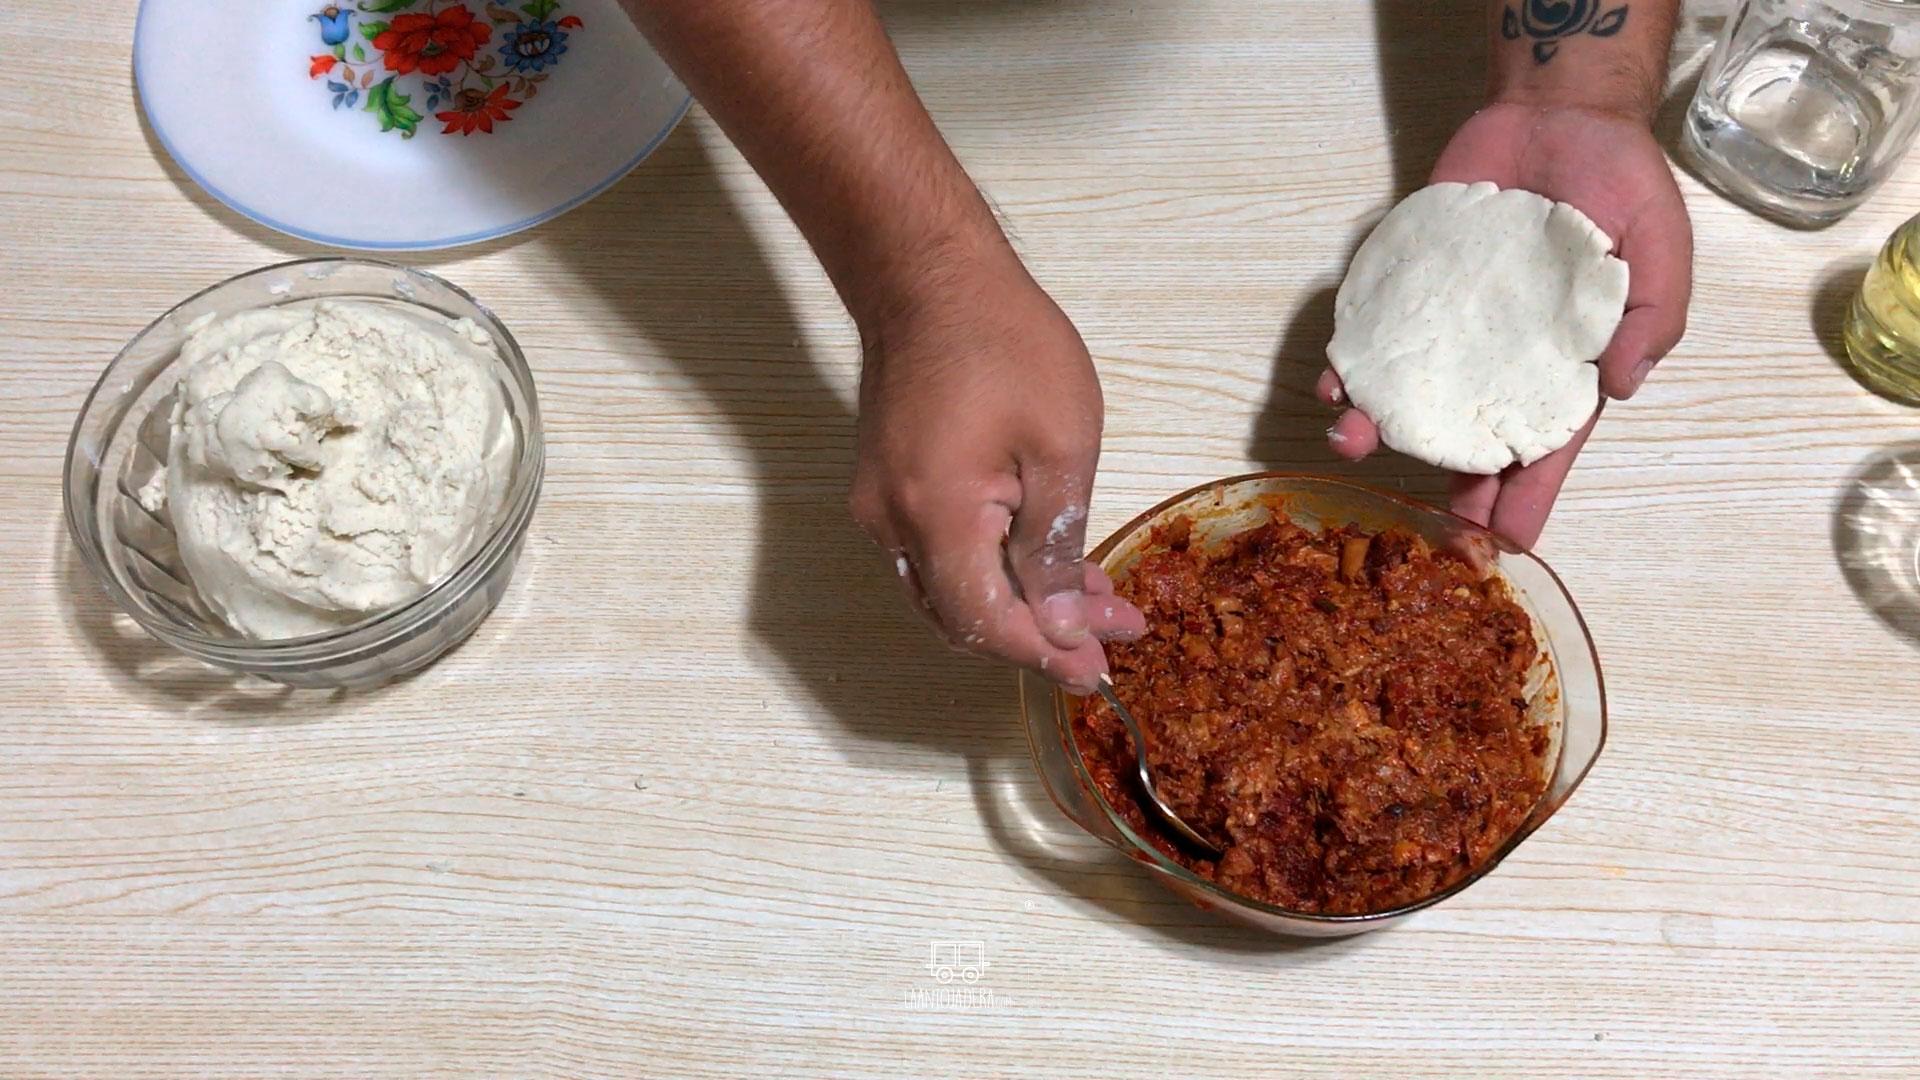 La Antojadera | Quesadillas de Maíz Rellenas de Chicharrón Prensado